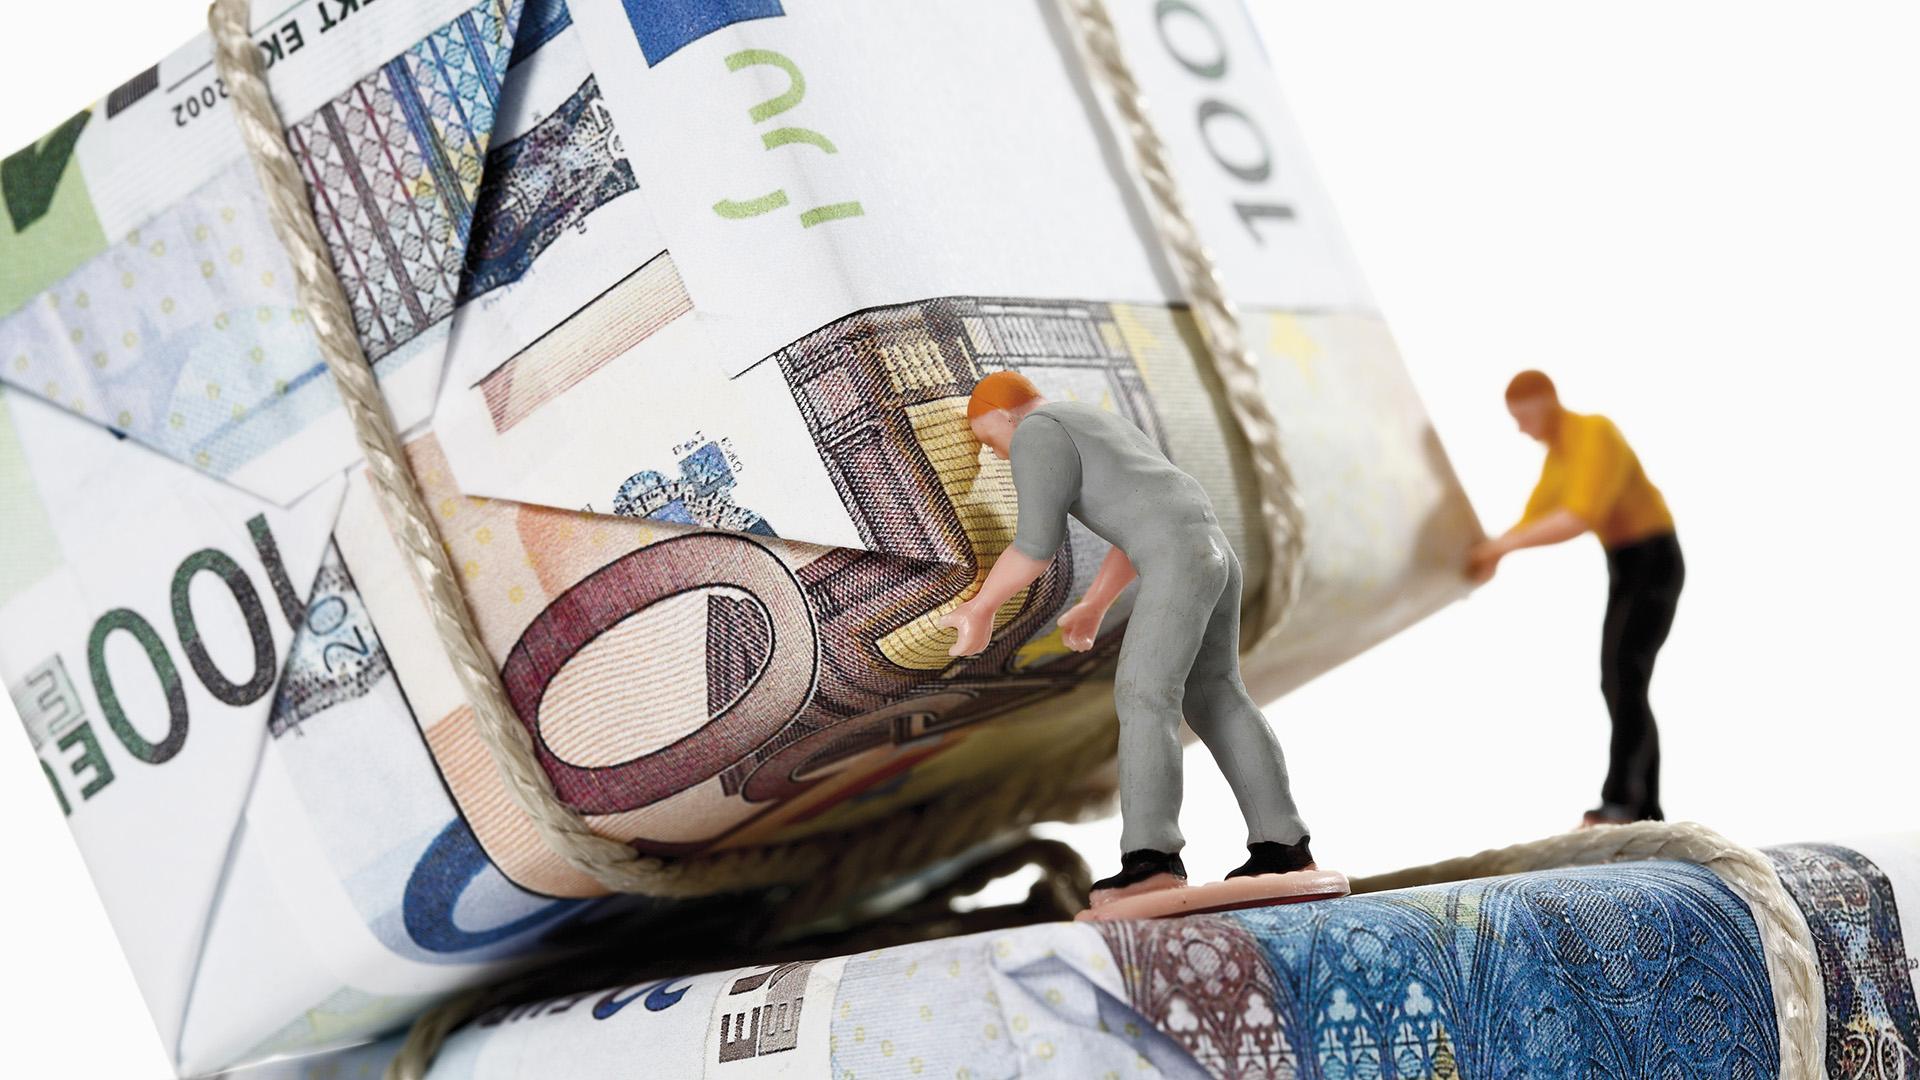 20kw40_Finanzpolitik_77363731